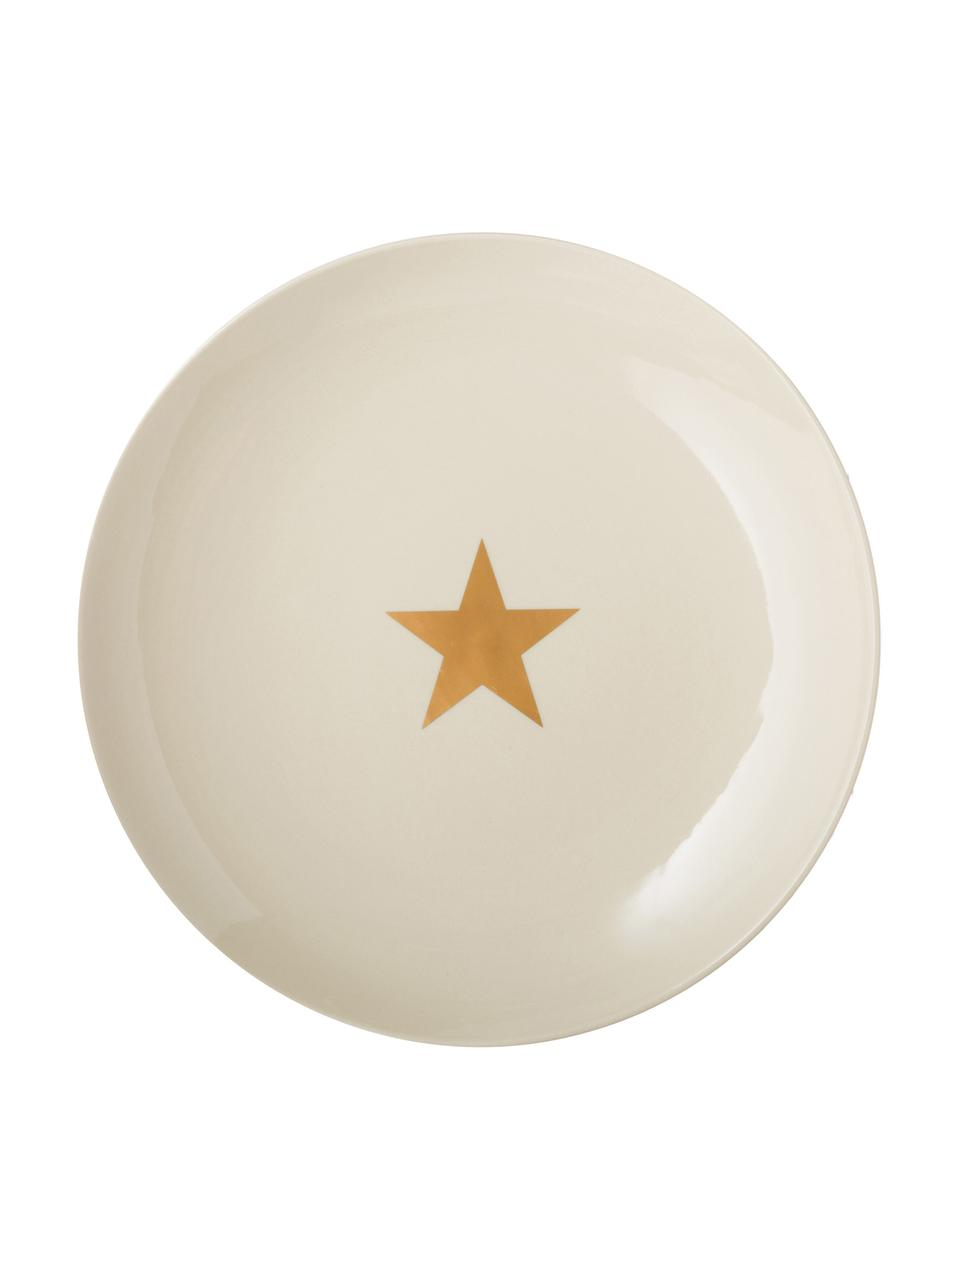 Piatto piano con stella dorata Star, Ceramica, Bianco spezzato, dorato, Ø 25 cm